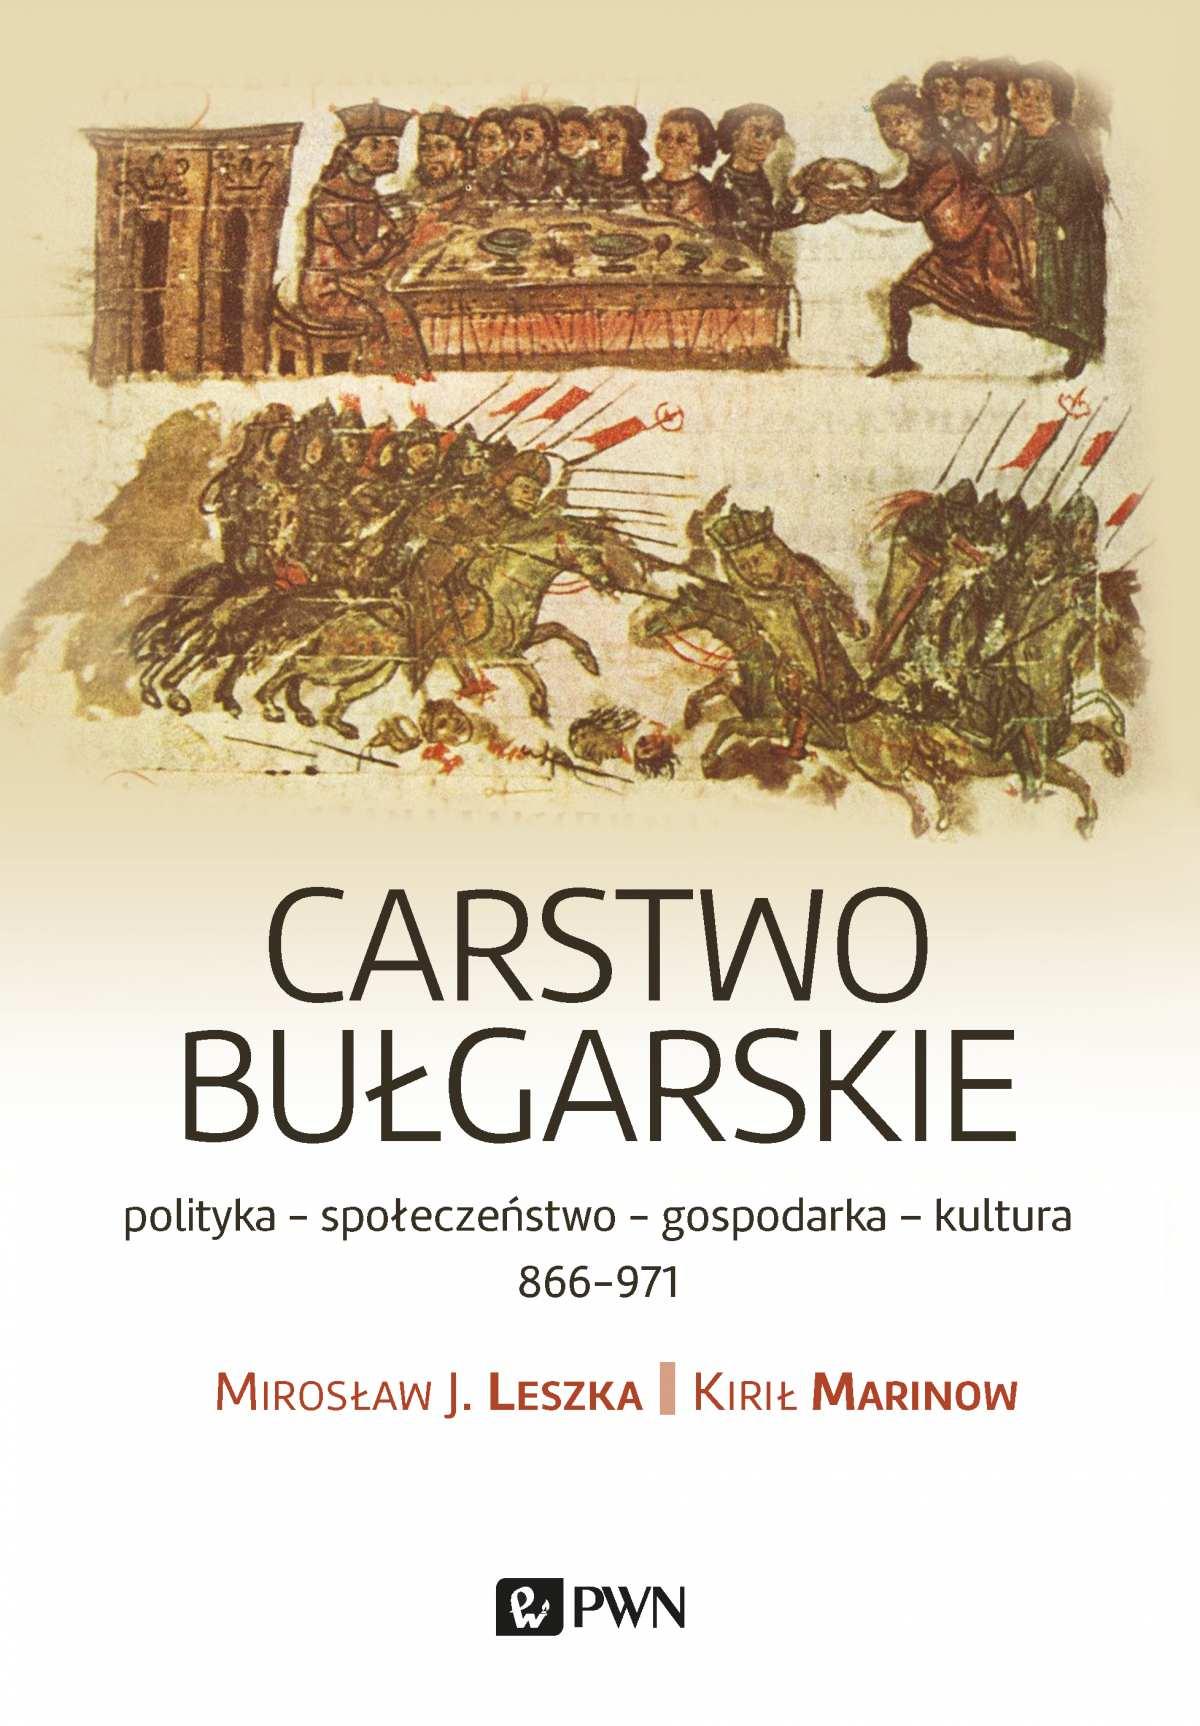 Carstwo bułgarskie - Ebook (Książka EPUB) do pobrania w formacie EPUB